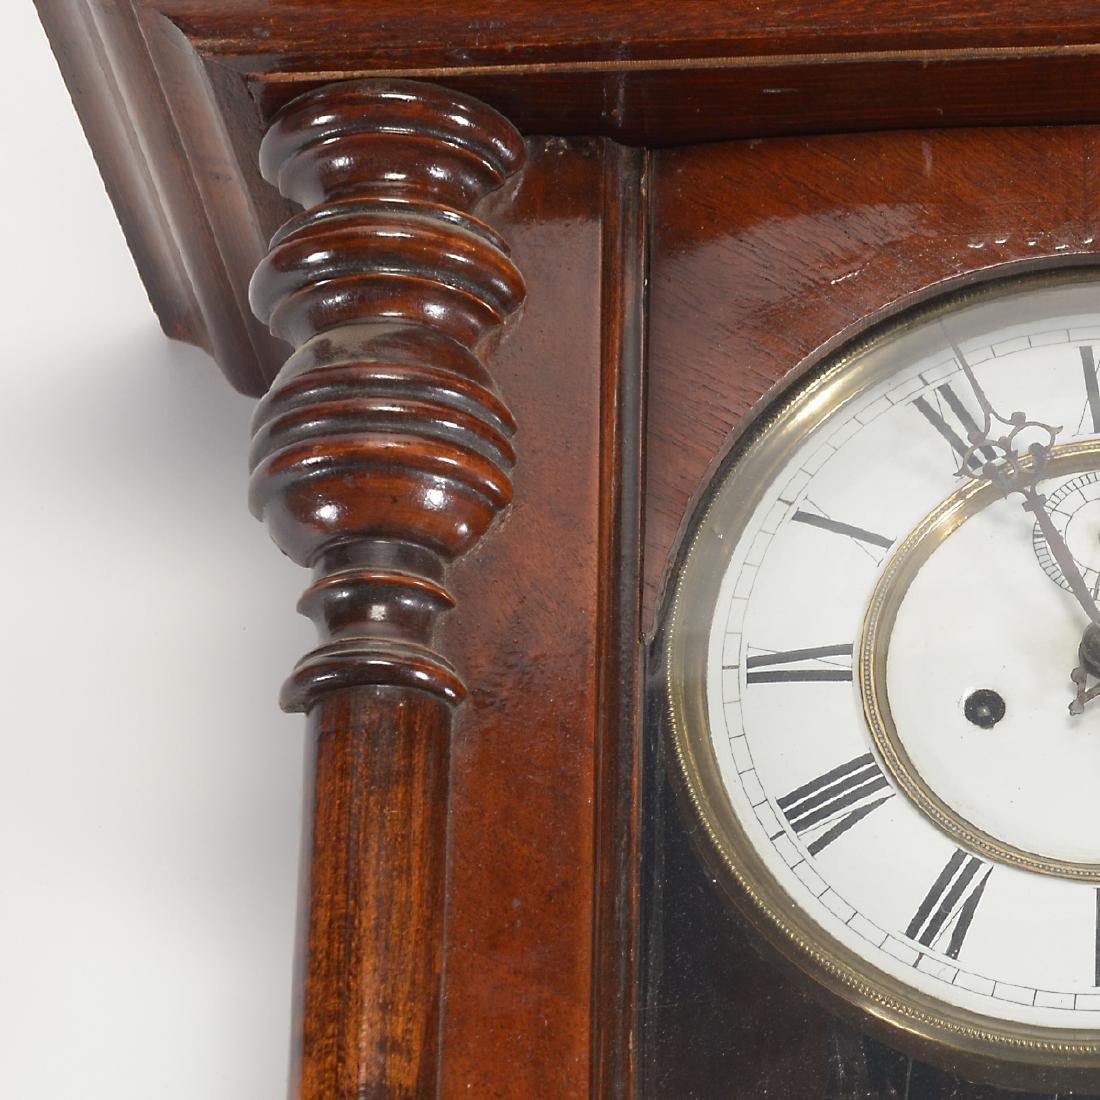 Renaissance Revival Walnut Cased Regulator Clock - 2